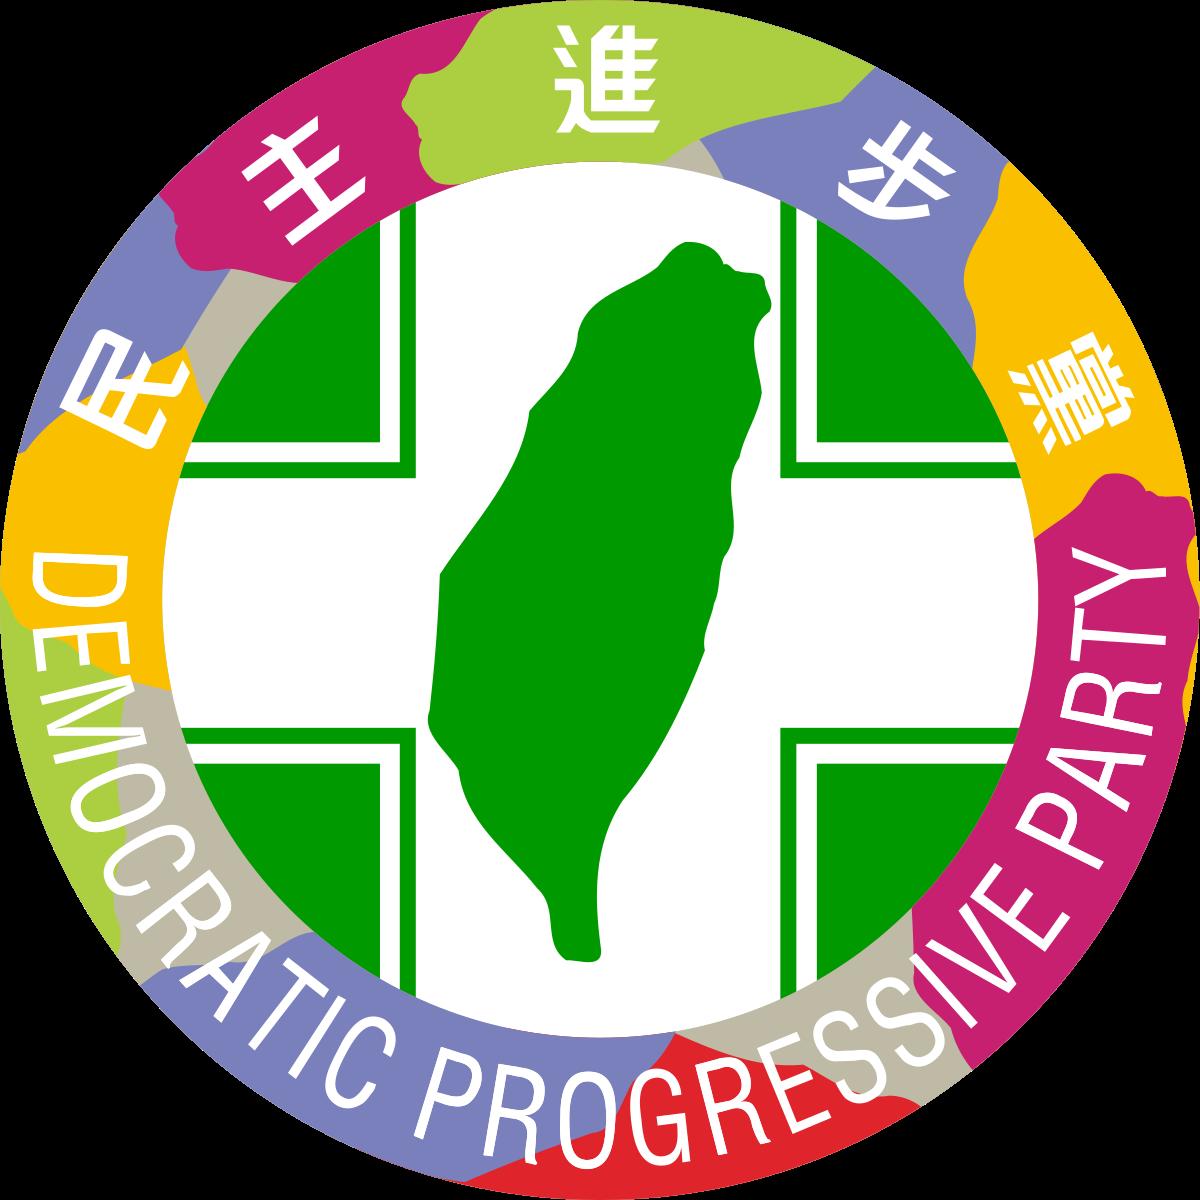 Democracy clipart social welfare. Democratic progressive party wikipedia